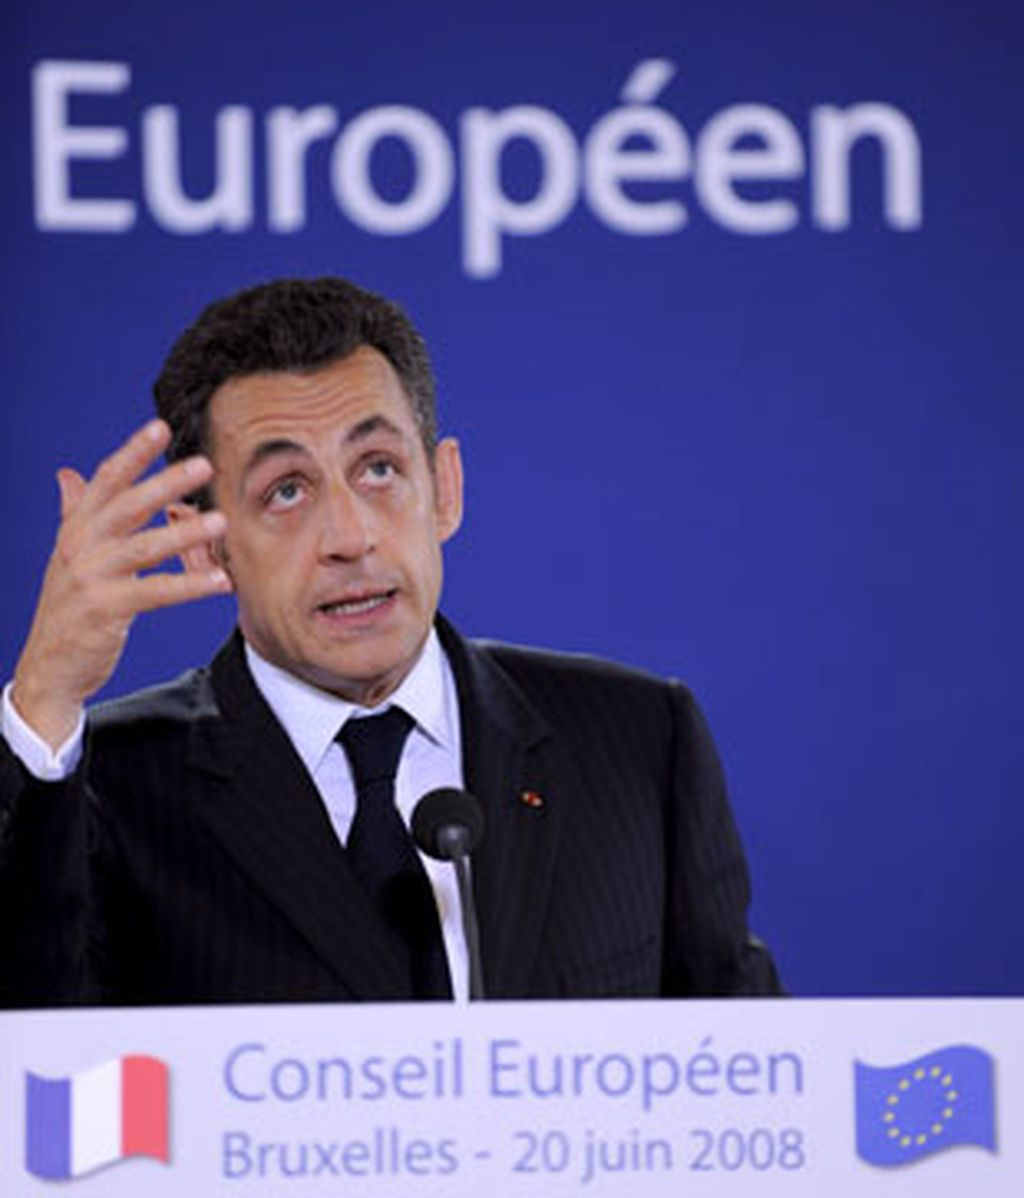 El presidente francés, Nicolás Sarkozy, habla en una rueda de prensa tras terminar la primera jornada de la Cumbre de jefes de Estado y Gobierno de la Unión Europea. Foto: EFE.